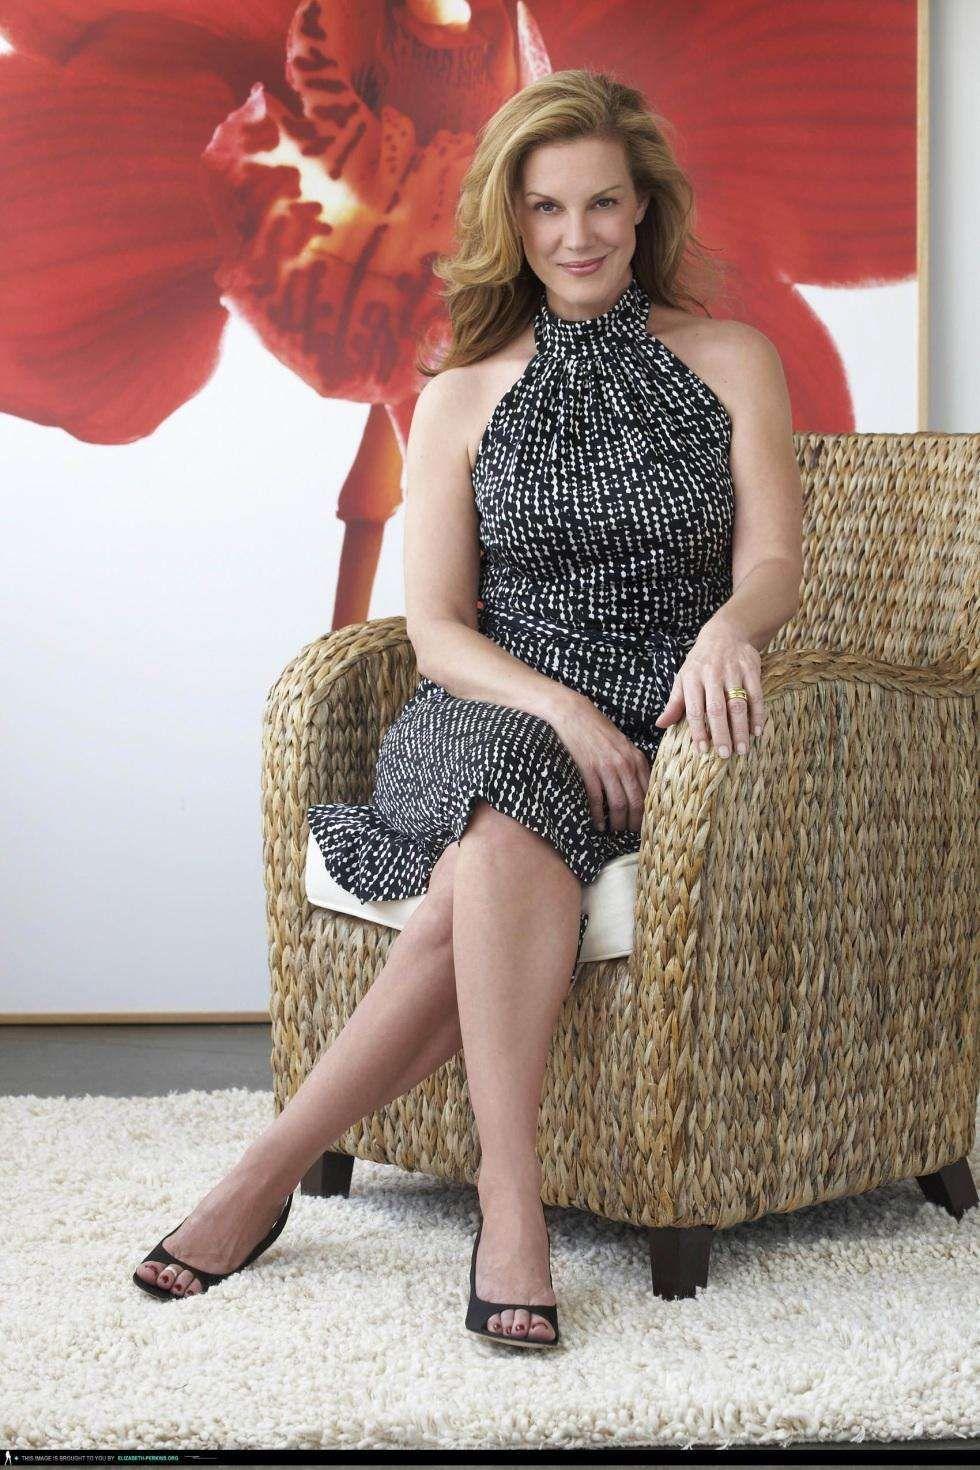 Elizabeth perkins legs